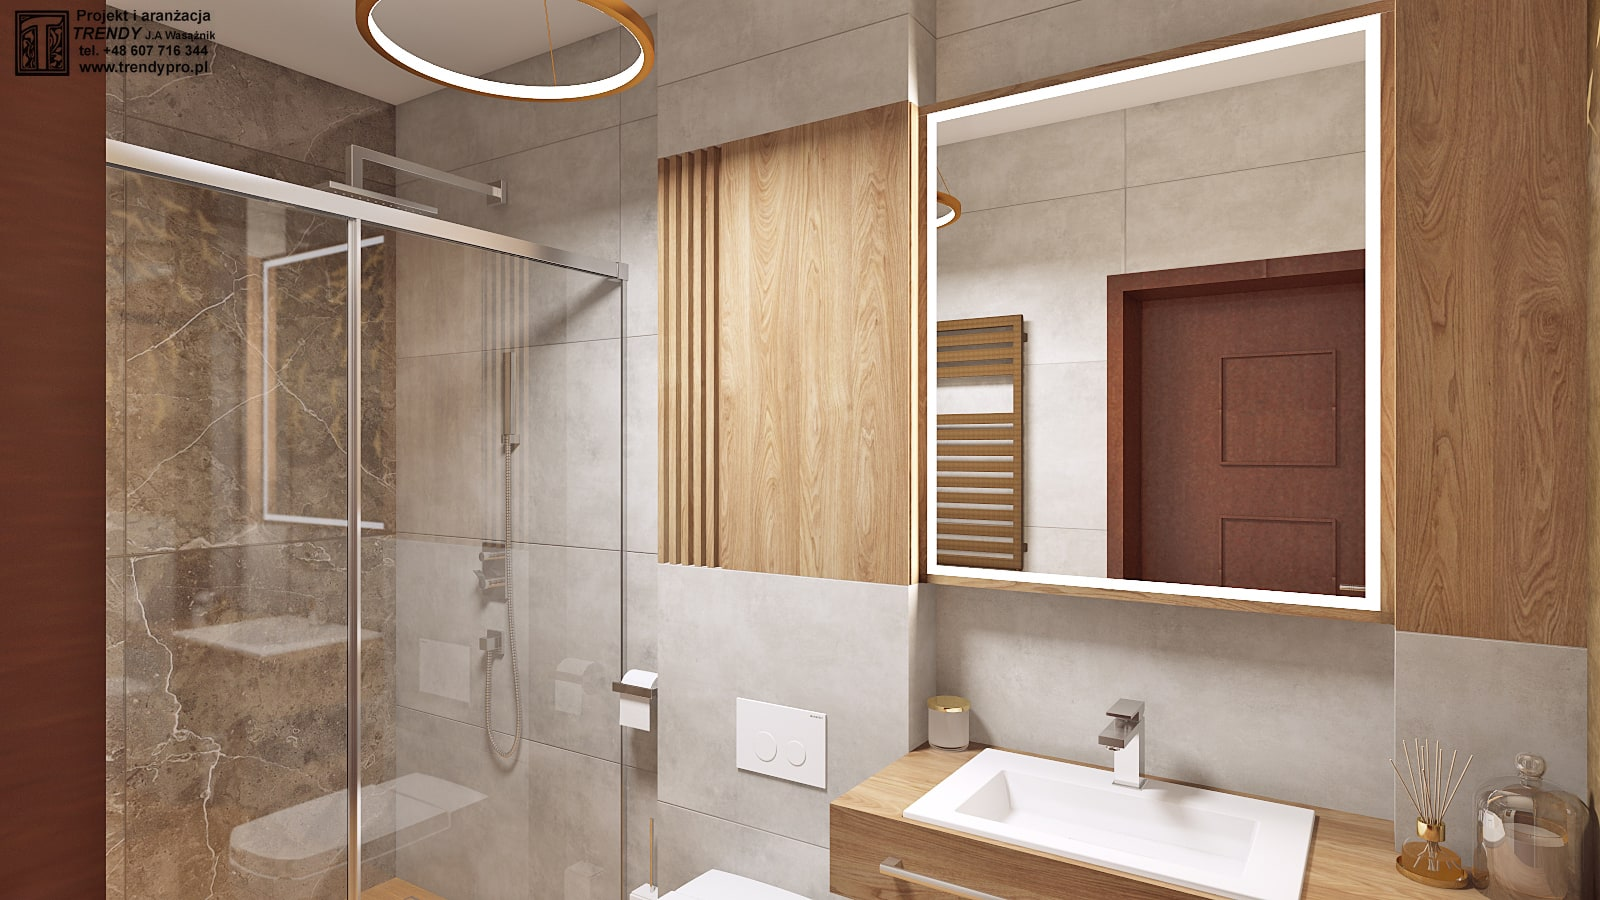 Mała łazienka Z Orientalnym Motywem Trendy Projekty Wnętrz